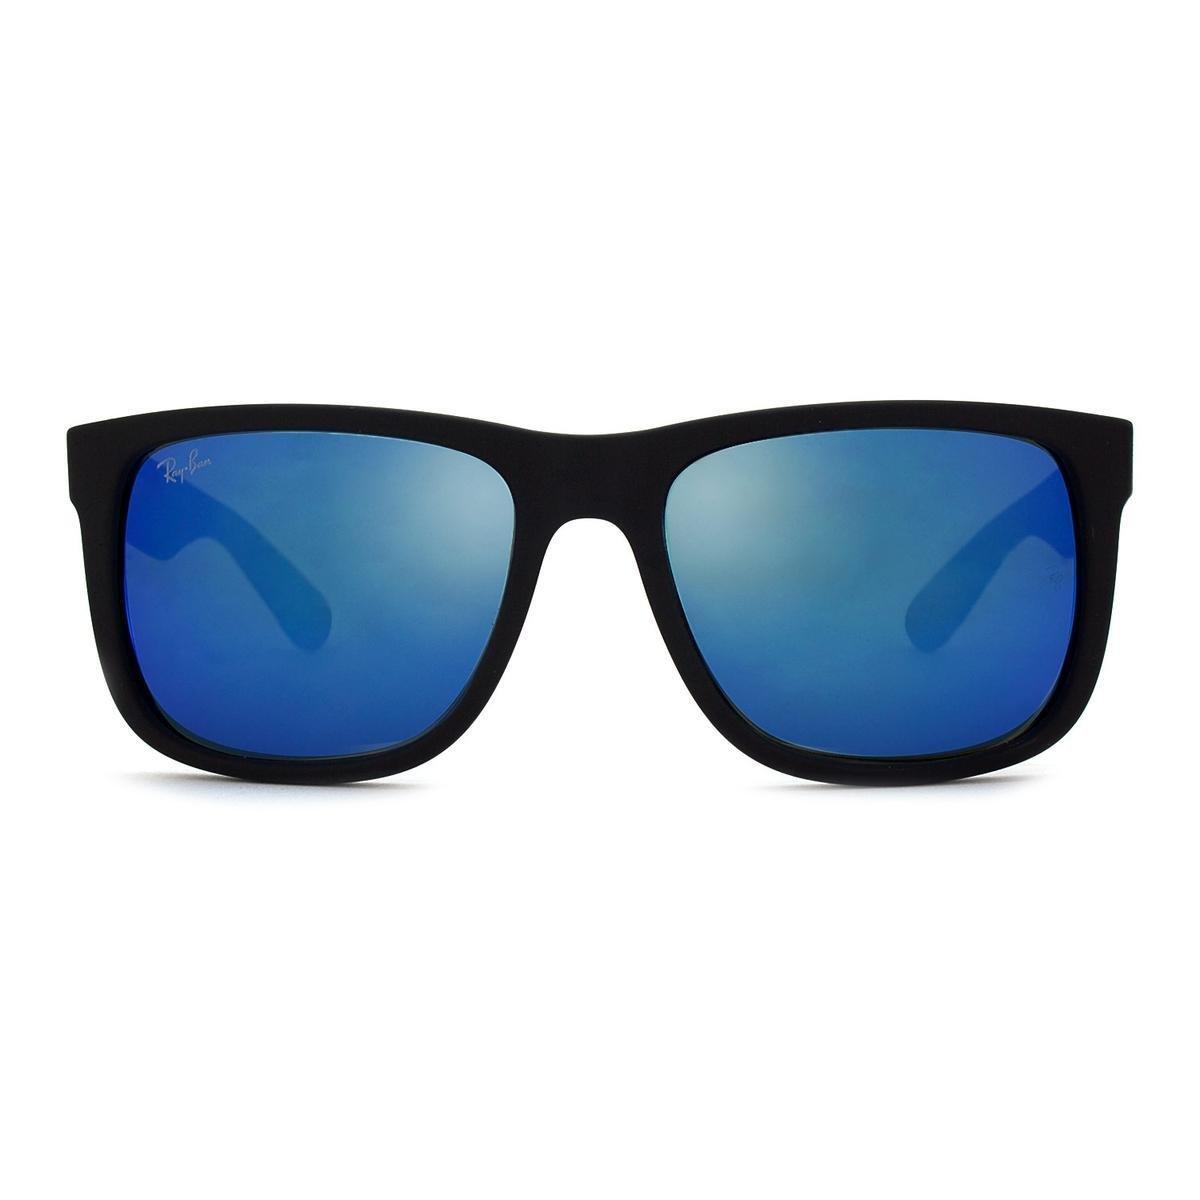 Óculos de Sol Ray Ban Justin RB4165L 622 55-55 Masculino - Compre ... 42675287f2